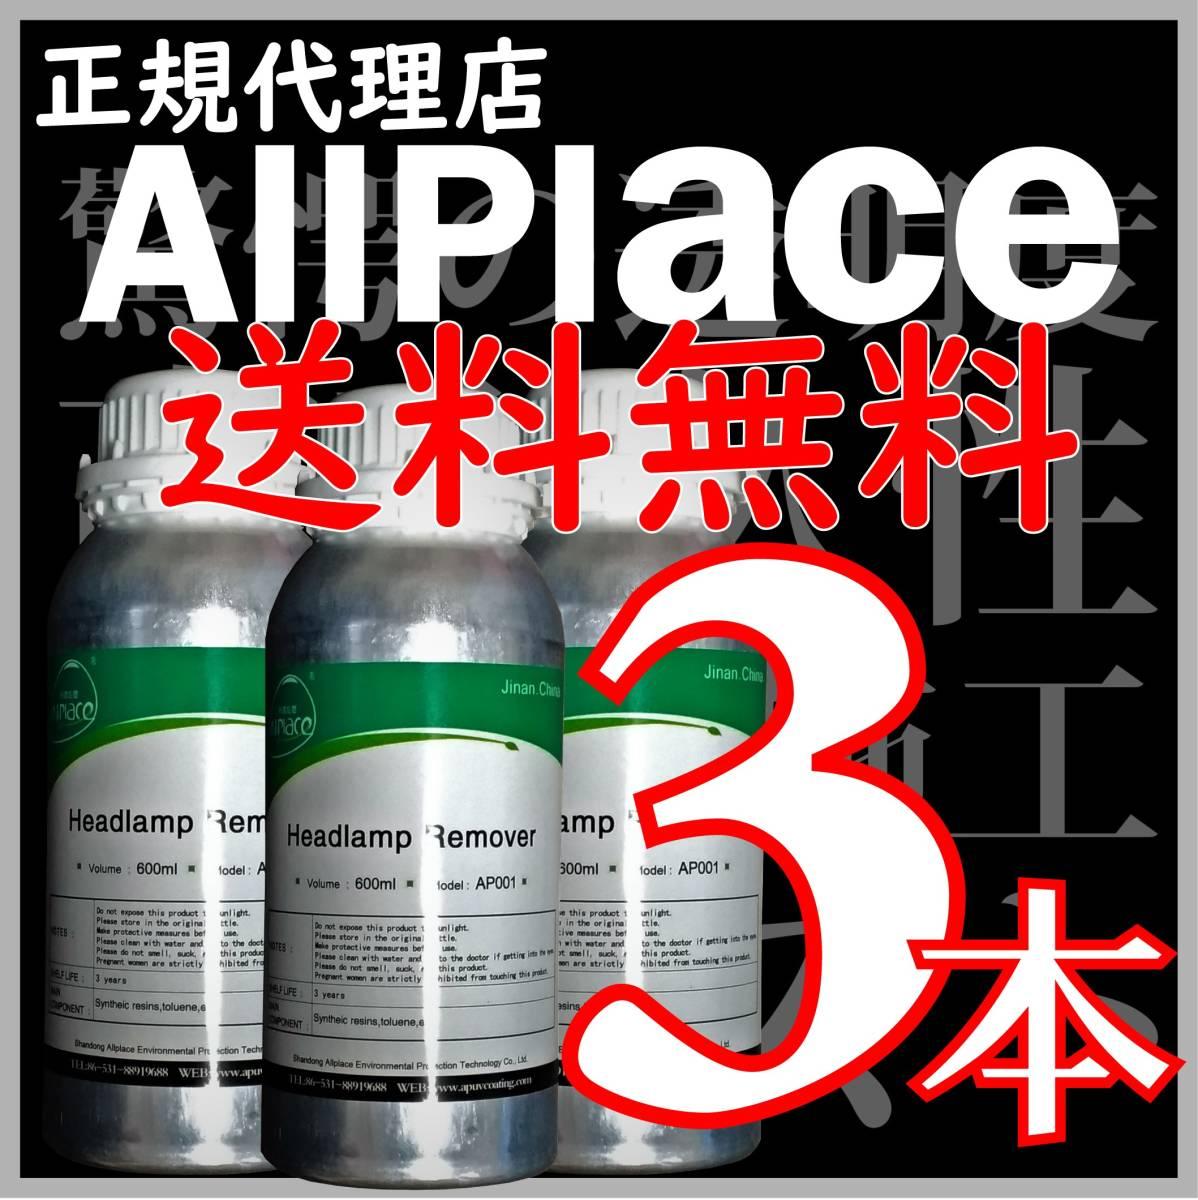 ヘッドライトリムーバー 溶剤 スチーマー 状で使用する専用溶剤 3本 送料無料 領収証発行可 正規代理店がお届けする オールプレイス